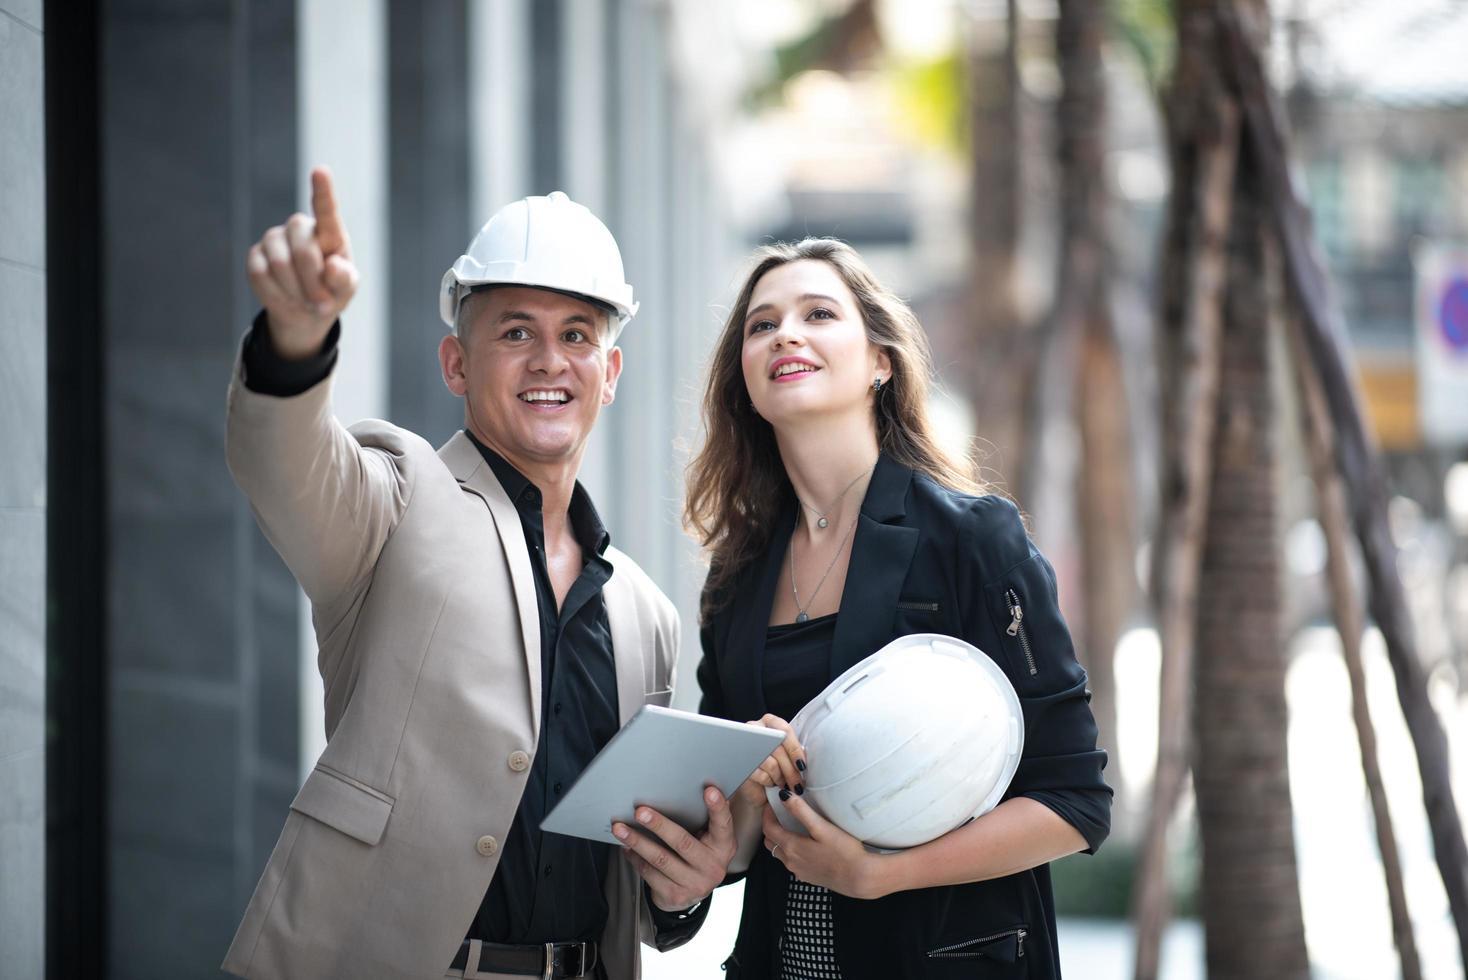 twee arbeiders die een bouwwerf inspecteren foto